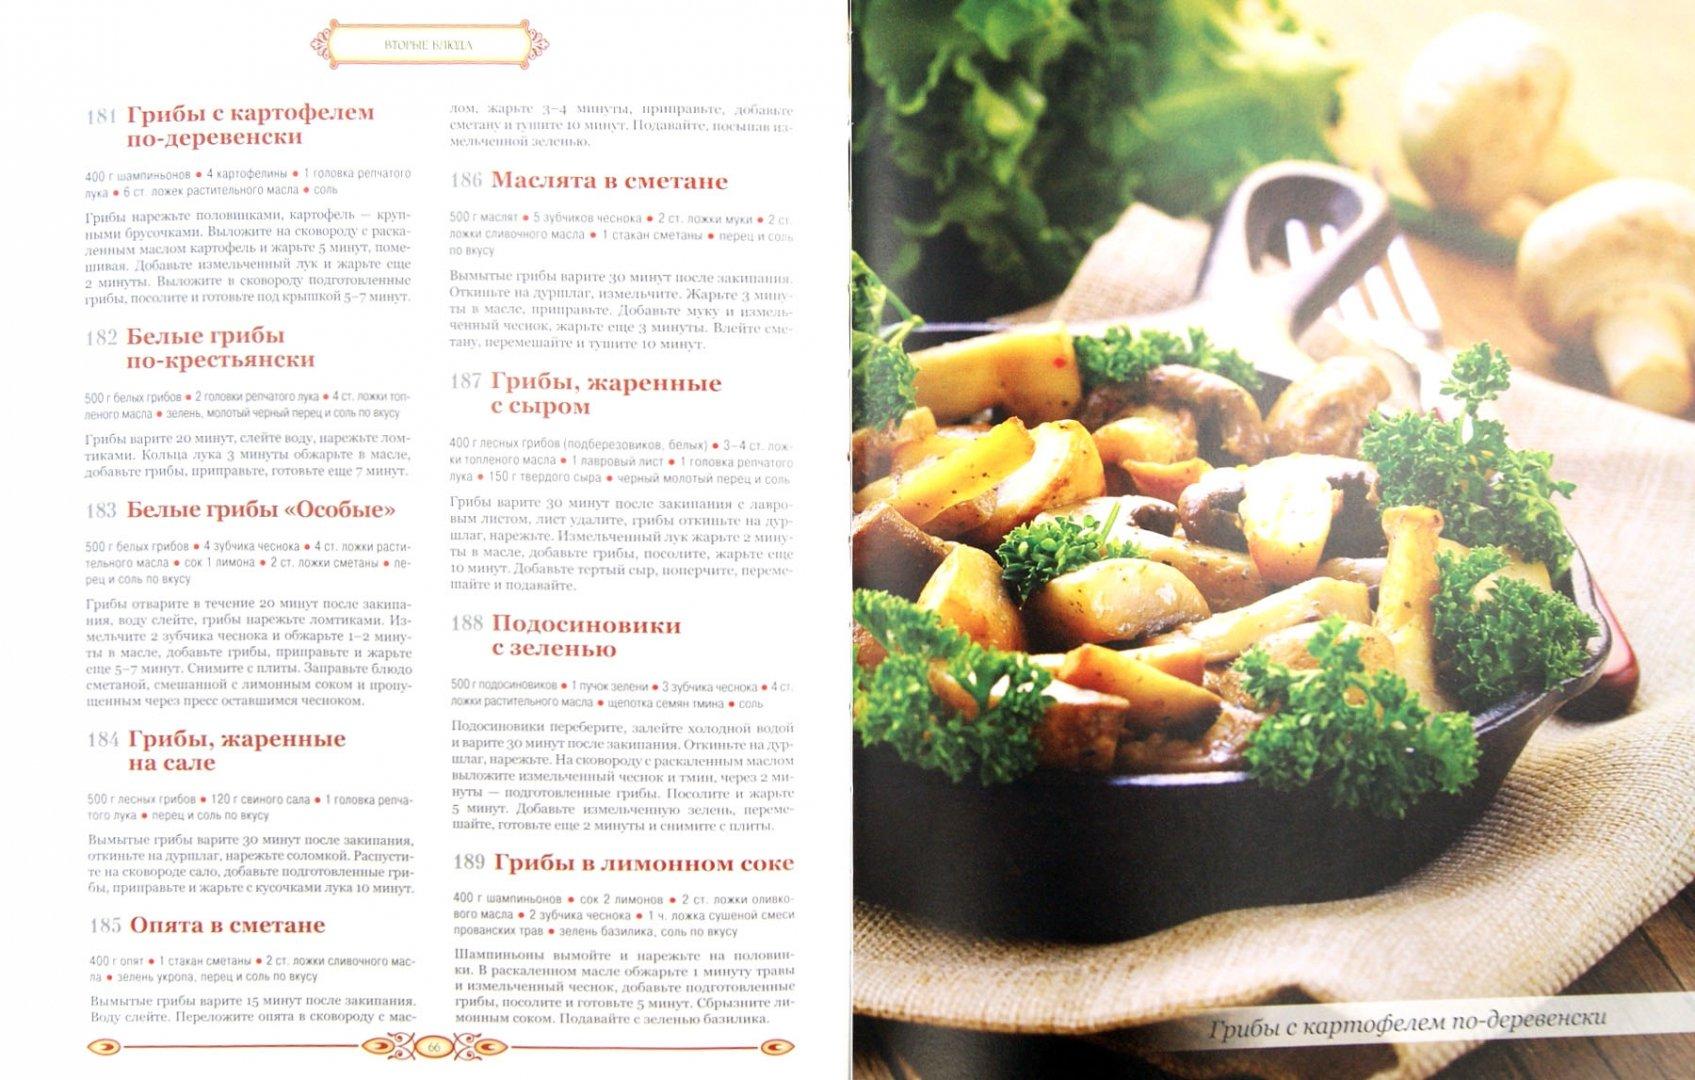 Иллюстрация 1 из 13 для 365 рецептов. Блюда и заготовки из грибов - С. Иванова | Лабиринт - книги. Источник: Лабиринт